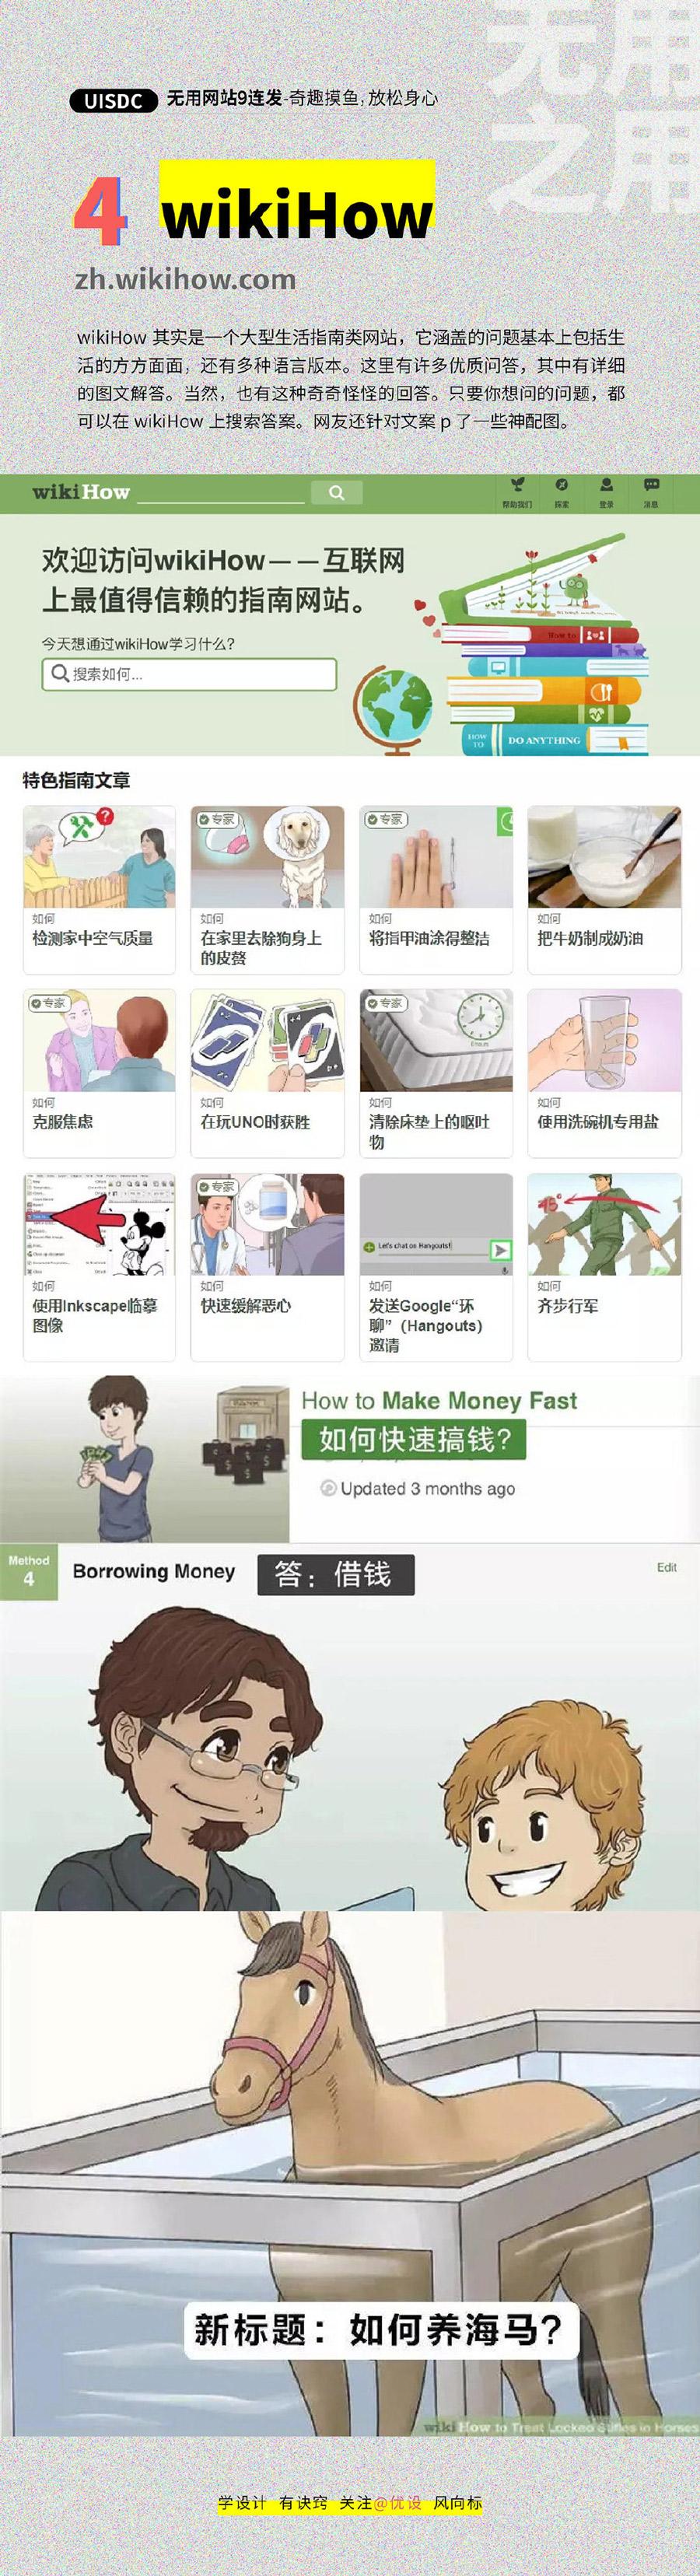 奇怪有趣的摸鱼网站9连发!